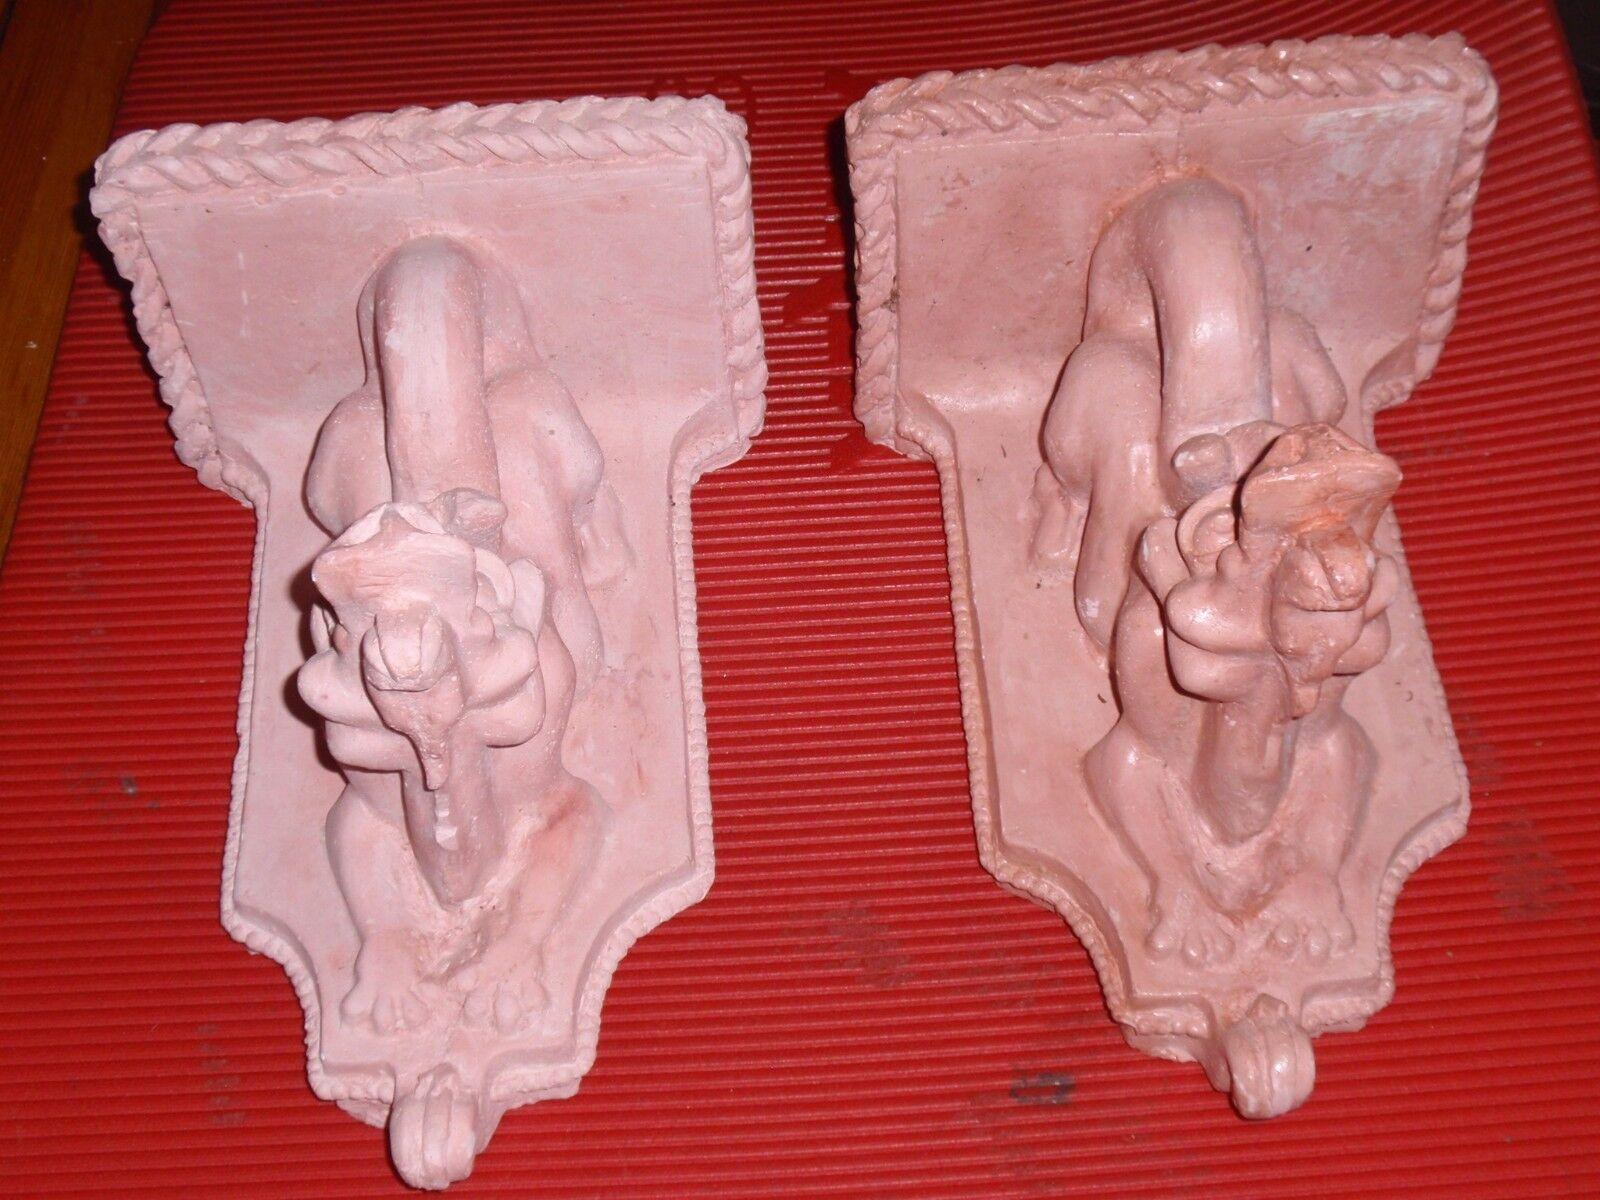 2 Estantes De Parosso Gárgola Colgante Hecho a Mano Dragones De Yeso 11.5 X 8 pulgadas